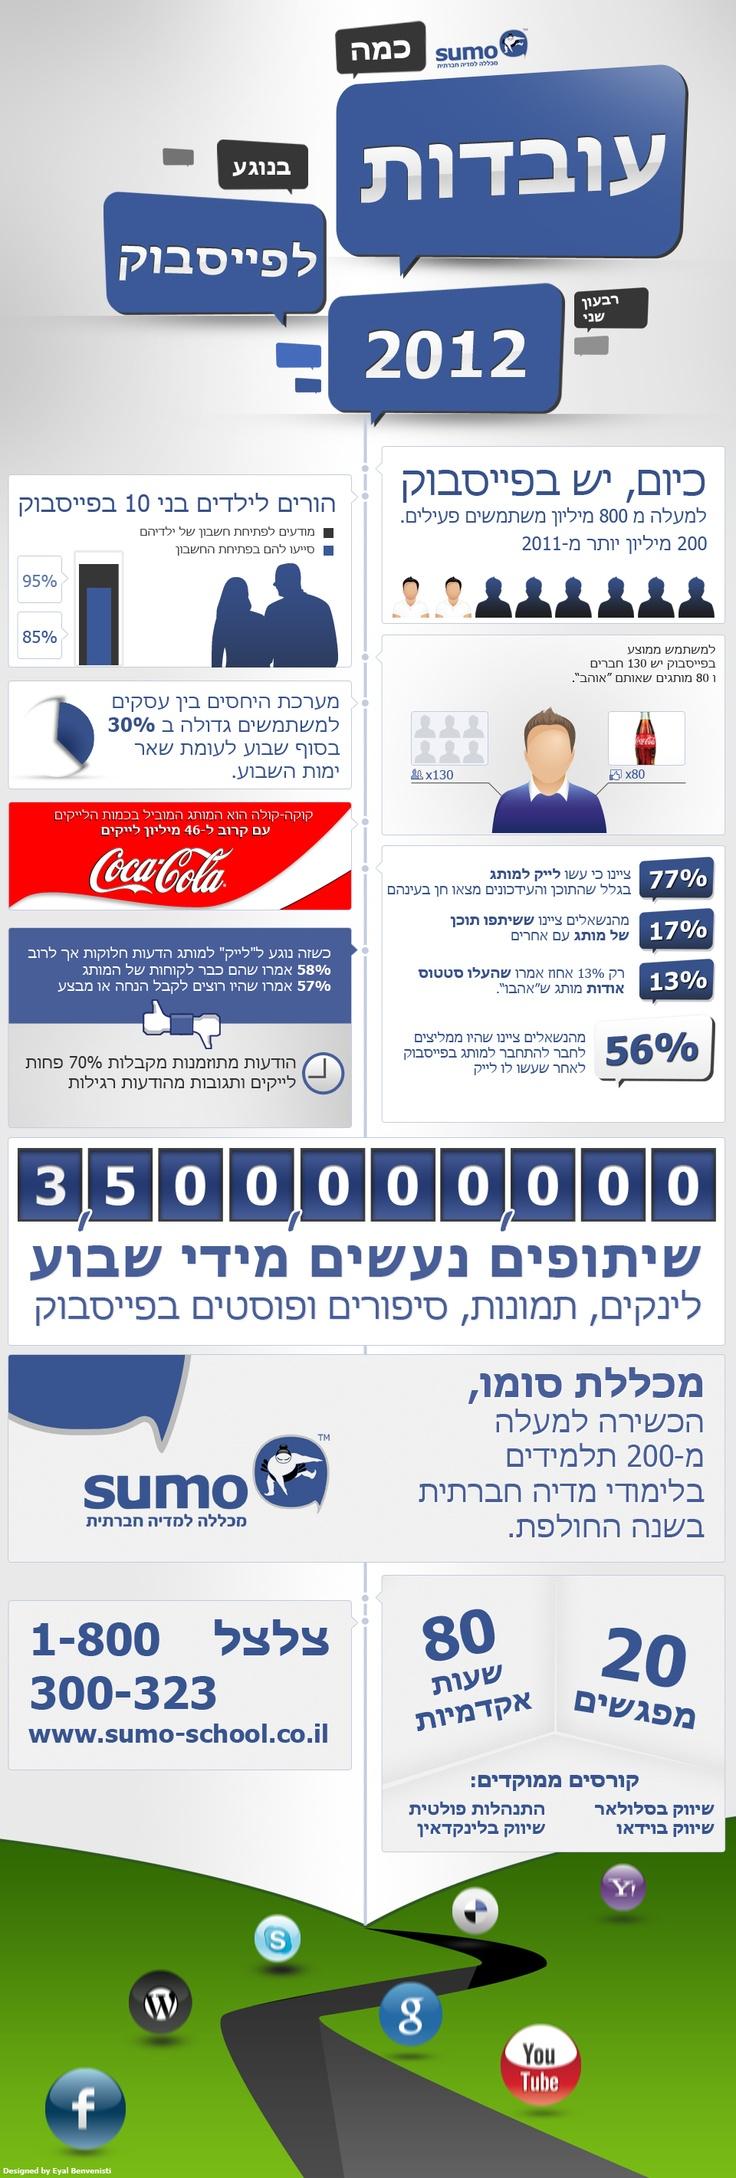 : אינפוגרפיה בעברית, עובדות על, Hebrew Infography, Social Media, Media Marketing, על פייסבוק